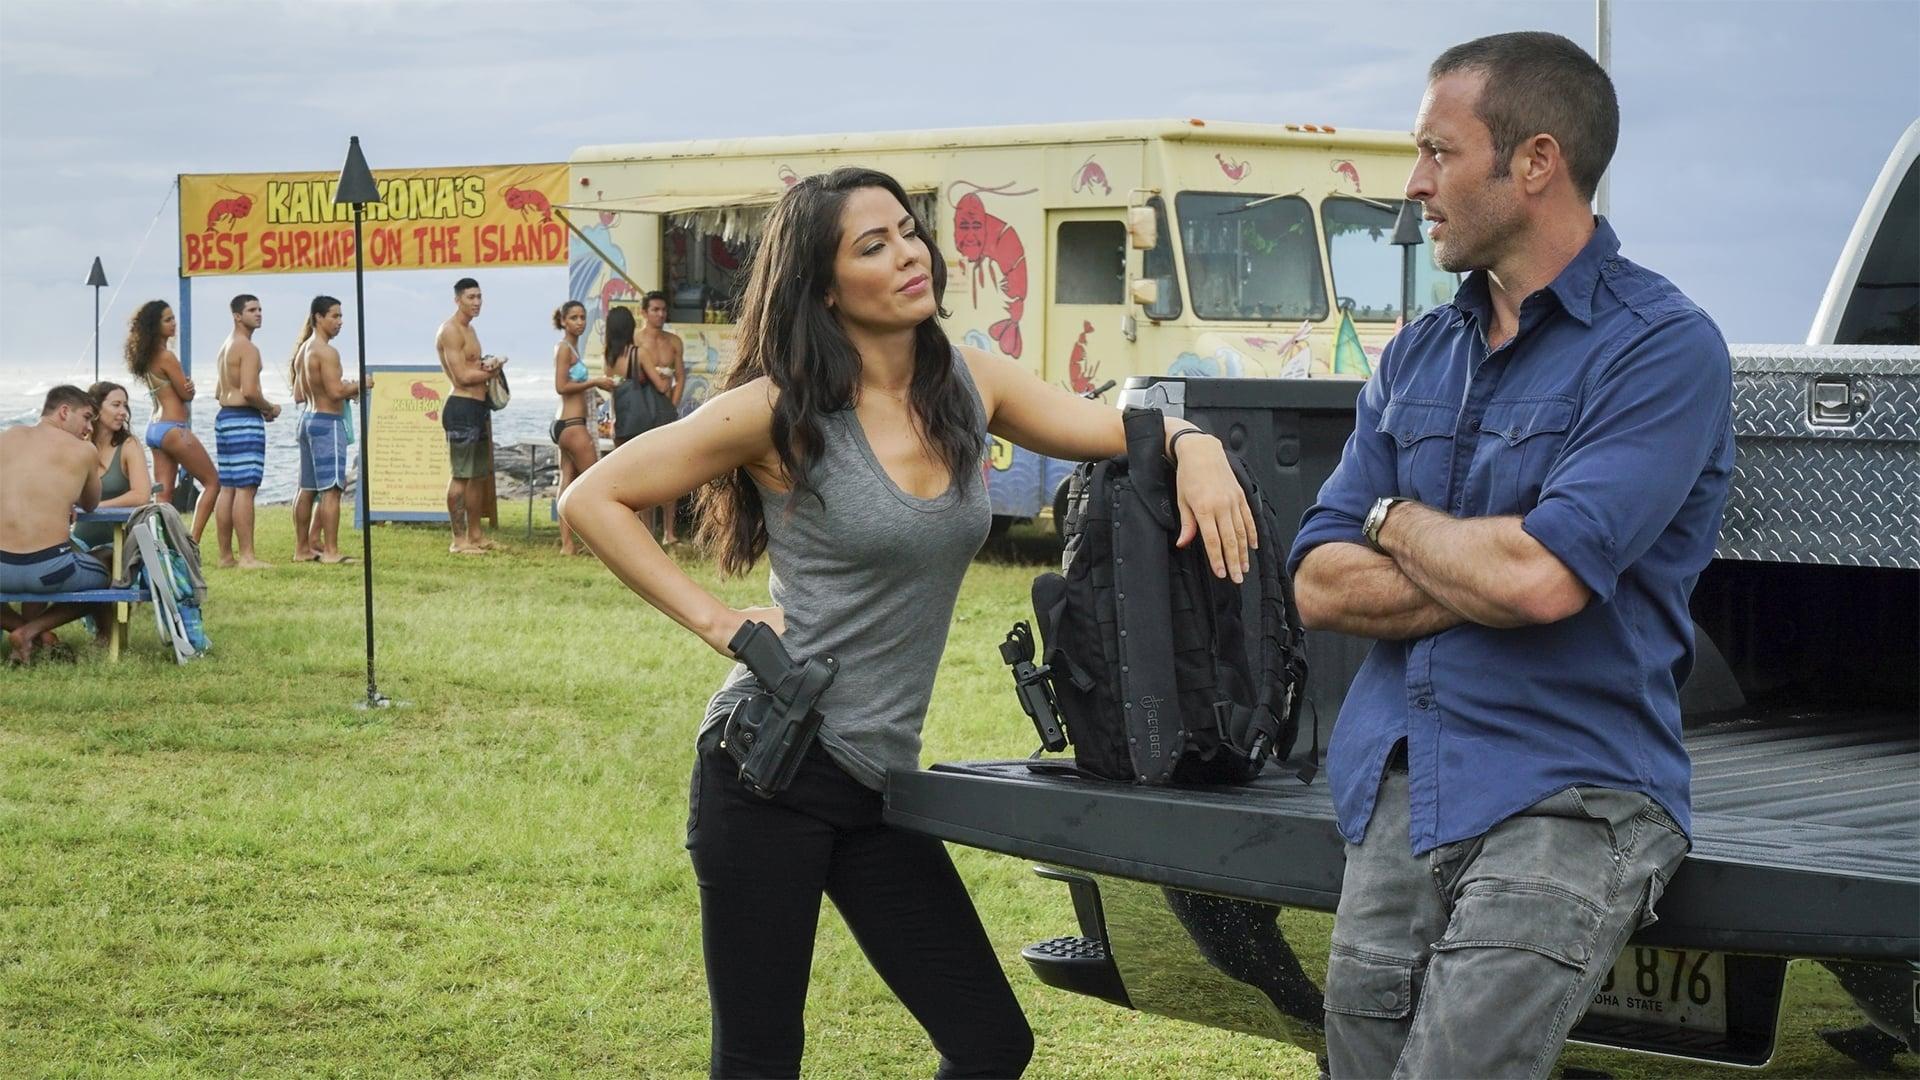 Hawaii Five-0 - Season 8 Episode 20 : He lokomaika'i ka manu o Kaiona (Kind is the Bird of Kaiona)